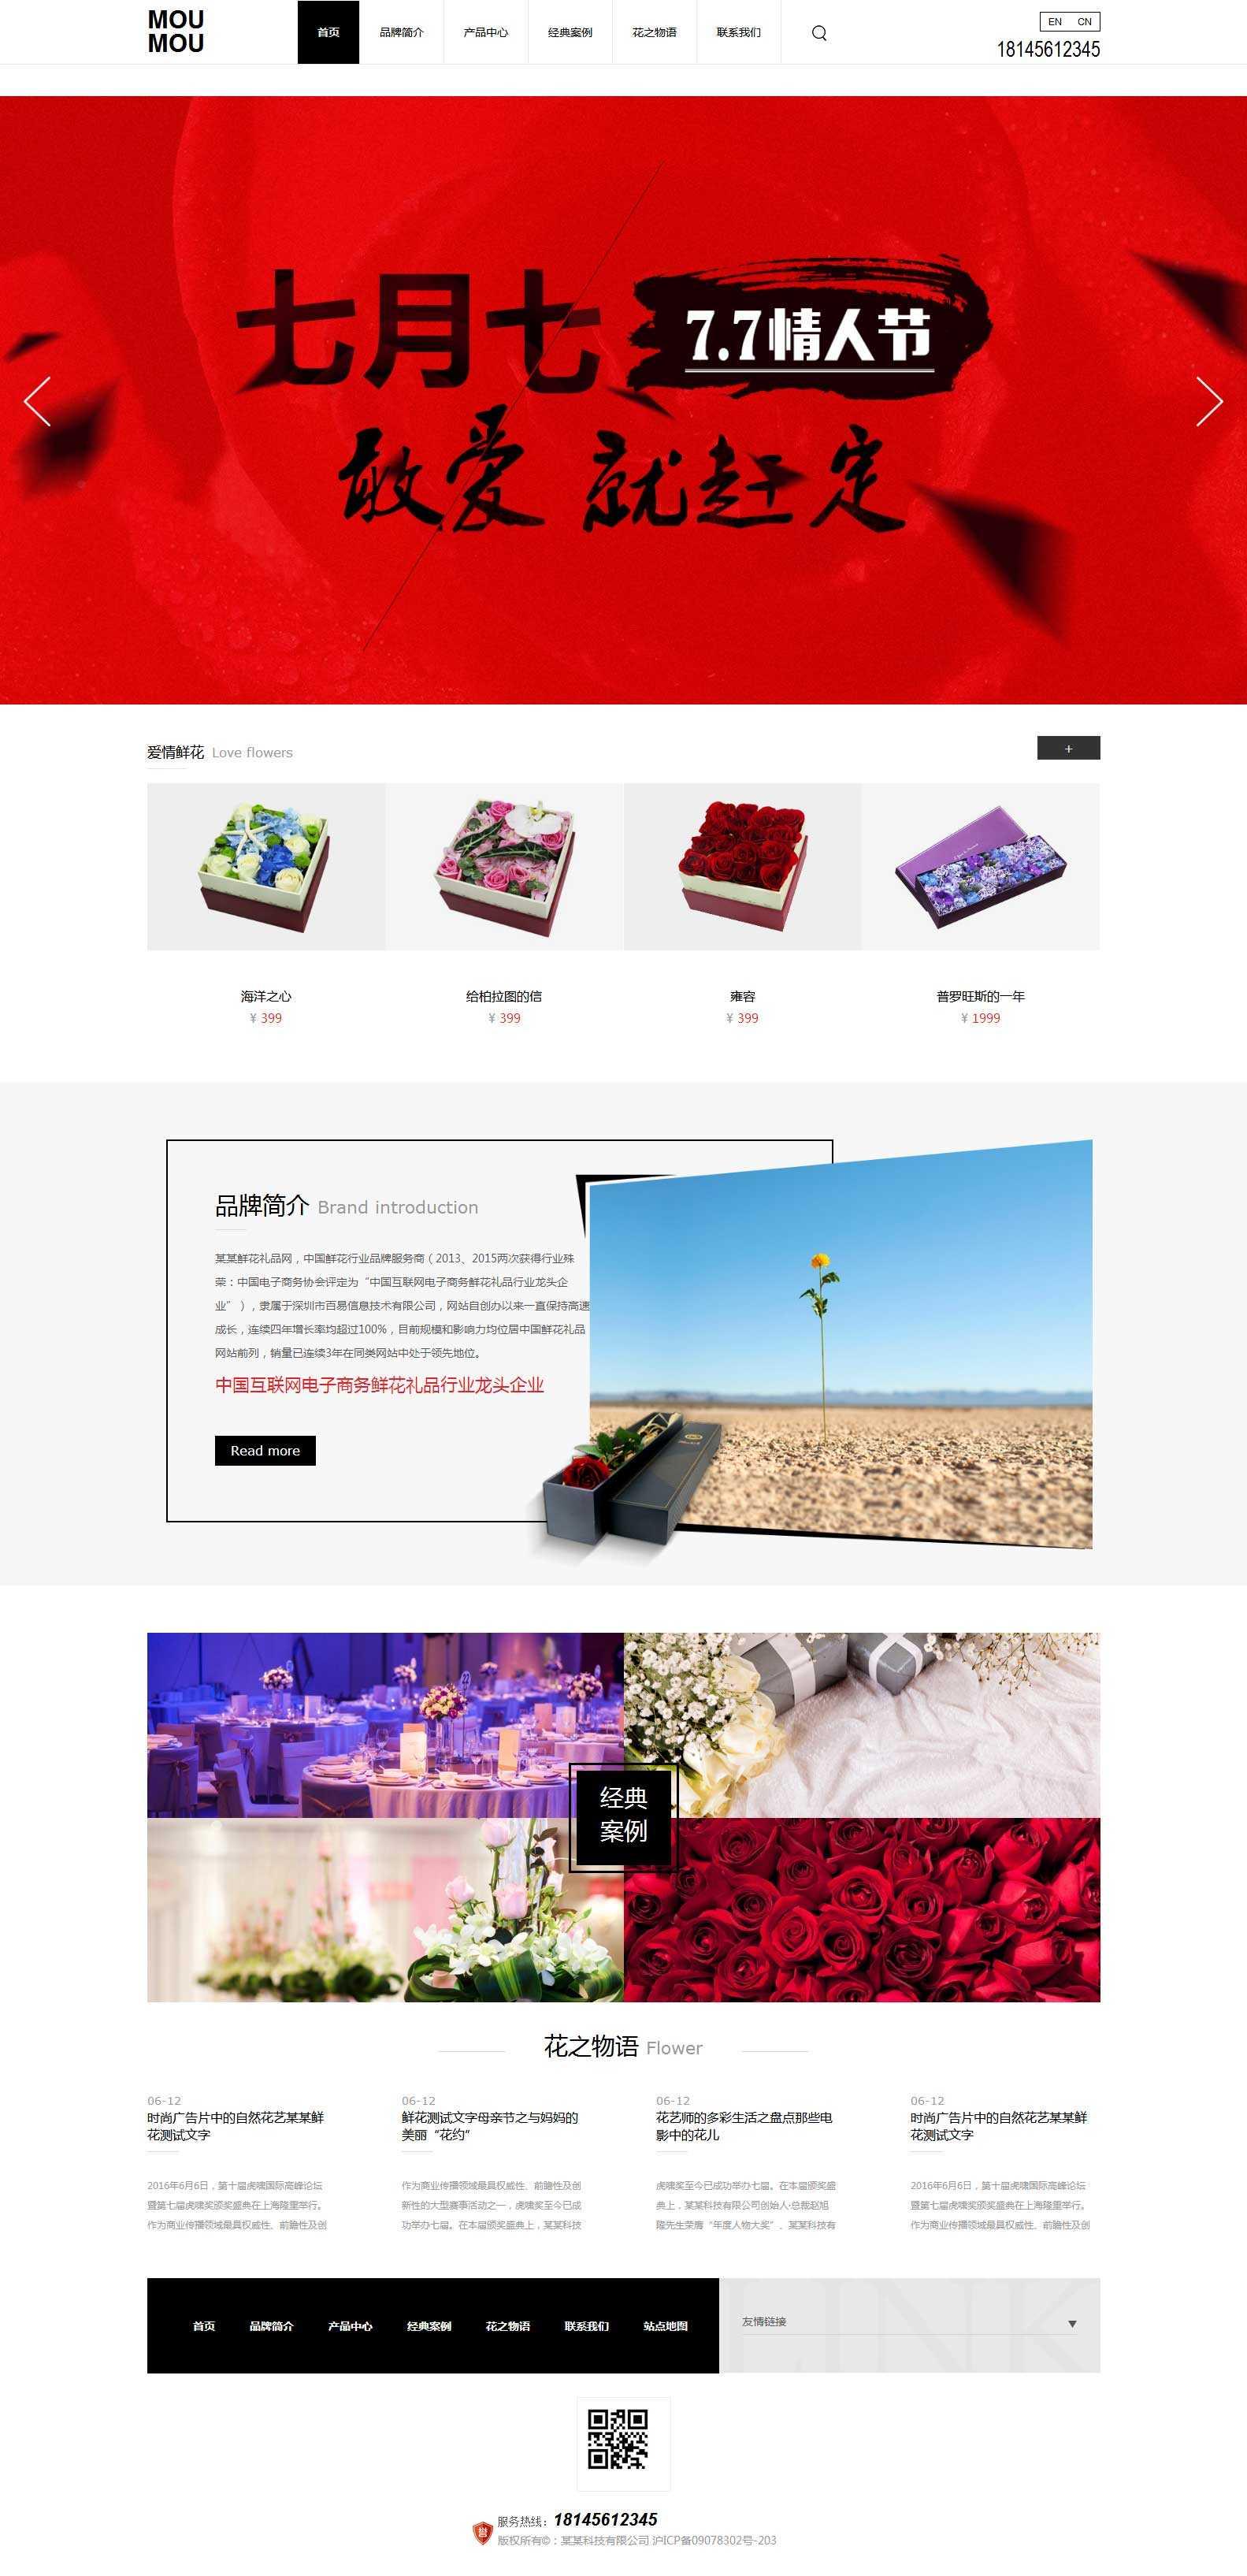 大气宽屏的鲜花店网站html5响应式模板